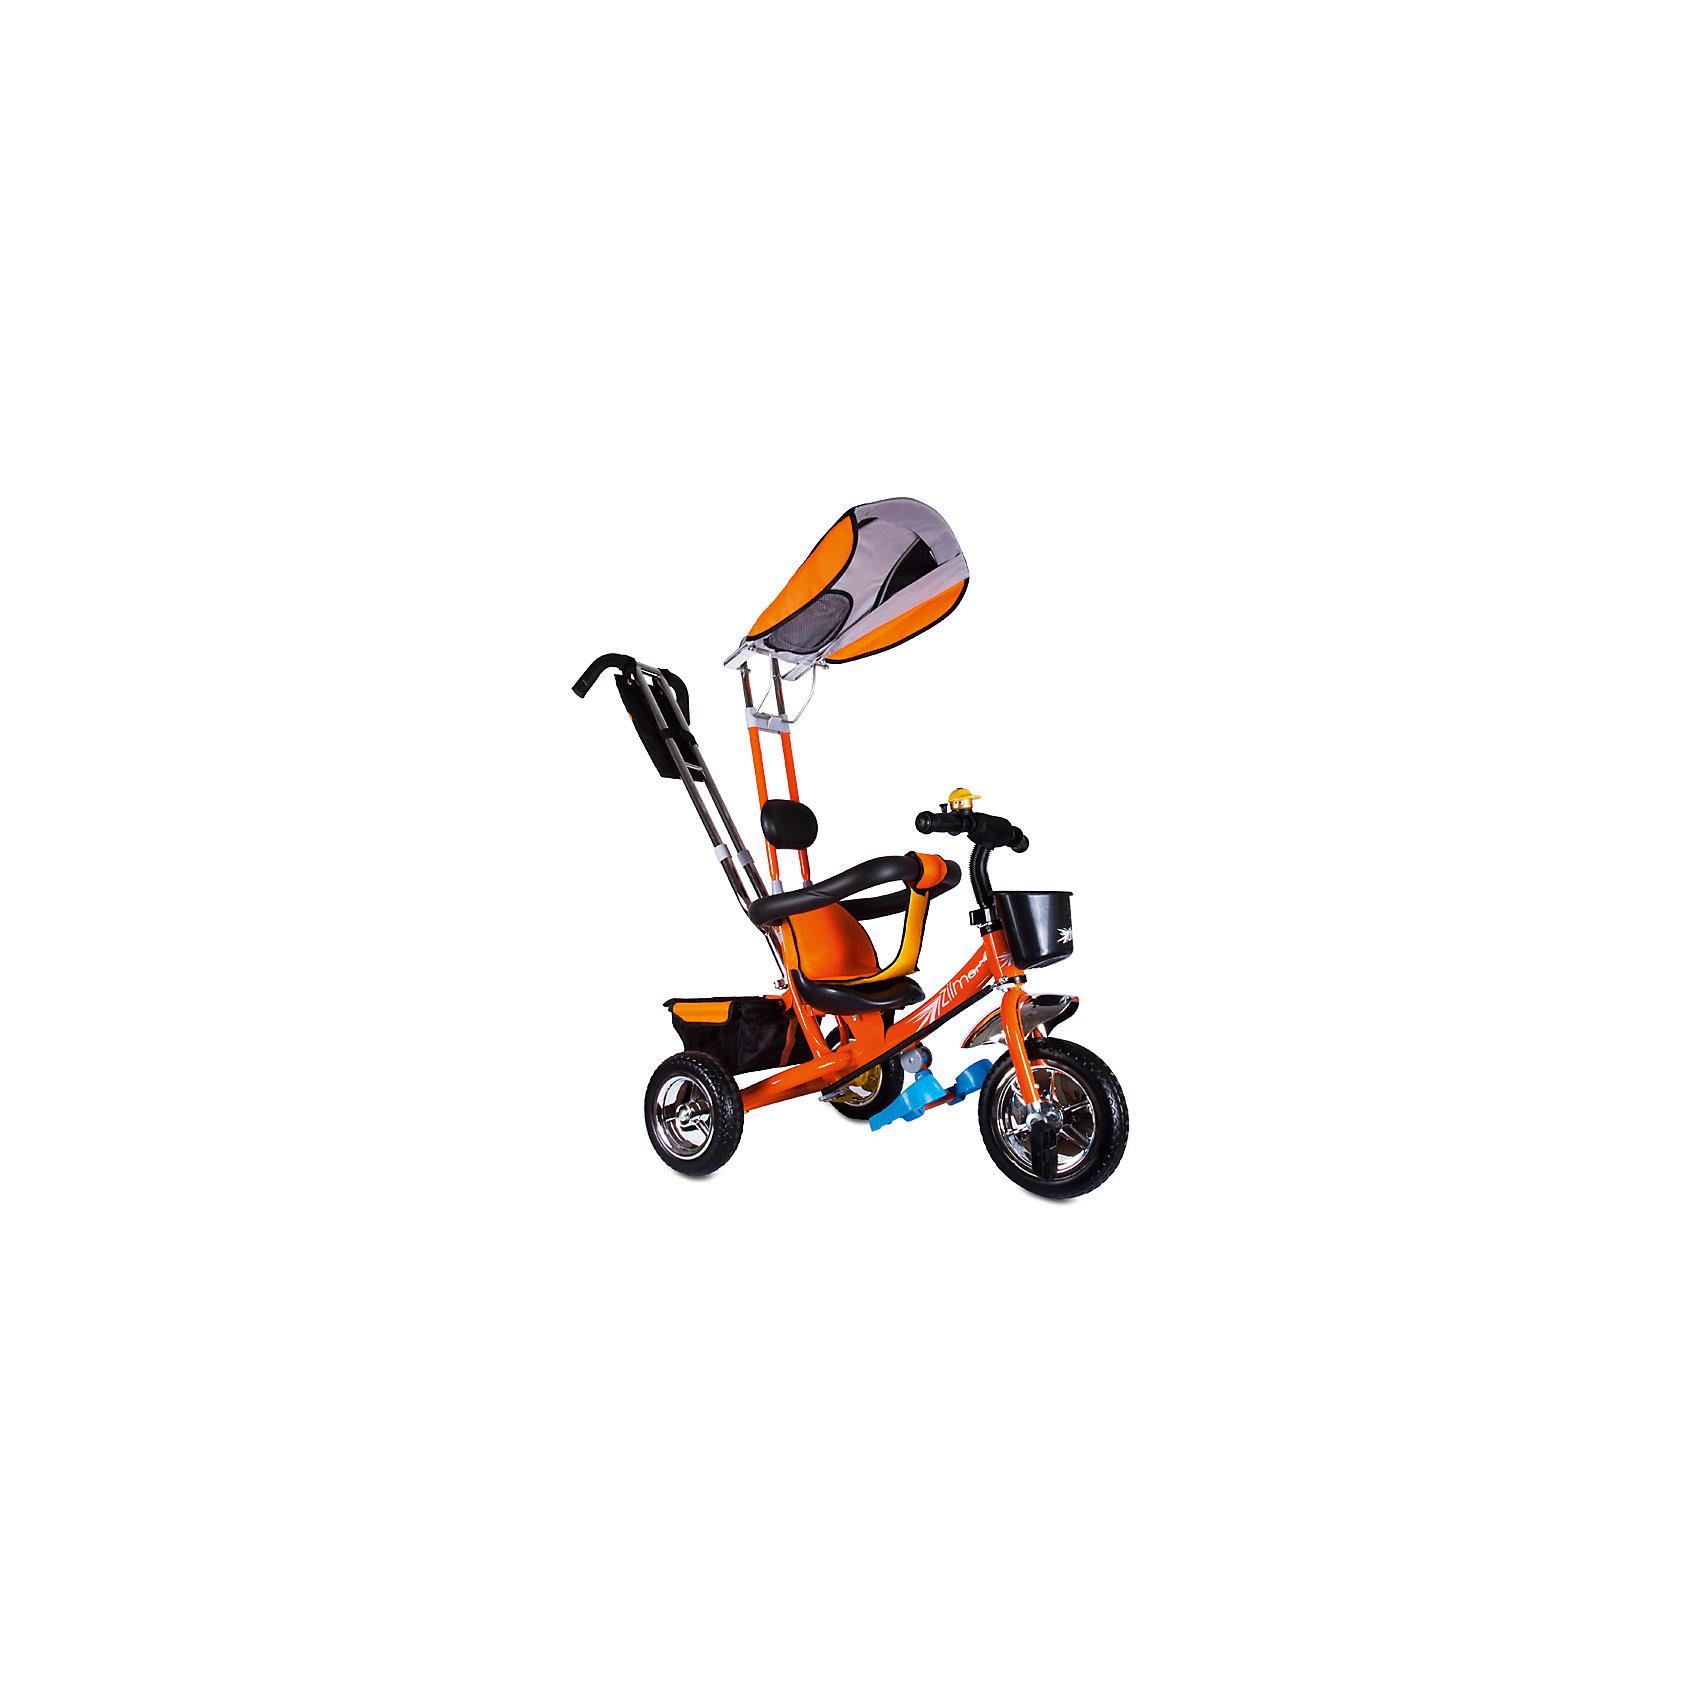 Трехколесный велосипед Бронз Люкс, оранжевый, ZilmerВелосипеды детские<br>Характеристики товара:<br><br>• материал: металл, полимер, текстиль<br>• цвет: оранжевый<br>• диаметр колес: переднее - 254 мм, задние - 203.3 мм<br>• блокировка колес<br>• удобный руль <br>• безопасные поручни<br>• управление ручкой для родителей<br>• подставка под ноги<br>• корзинка<br>• материал колес: EVA<br>• надежные материалы<br>• ручной тормоз<br>• козырек<br>• продуманная конструкция<br>• яркий цвет<br>• возраст: от 12 мес<br>• размер: 75x46x25 см<br>• вес: 9 кг<br>• страна производства: Китай<br><br>Подарить родителям и малышу такой велосипед - значит, помочь развитию ребенка. Он способствует скорейшему развитию способности ориентироваться в пространстве, развивает физические способности, мышление и ловкость. Помимо этого, кататься на нём - очень увлекательное занятие!<br><br>Этот велосипед разработан специально для малышей. Он чем-то похож на коляску: есть родительская ручка и специальные подставки под ножки. С помощью ручки родители легко координируют направление движения. Данная модель выполнена в ярком дизайне, отличается продуманной конструкцией и деталями, которые обеспечивают безопасность ребенка. Отличный подарок для активного малыша!<br><br>Трехколесный велосипед Бронз Люкс, оранжевый, от бренда Zilmer можно купить в нашем интернет-магазине.<br><br>Ширина мм: 590<br>Глубина мм: 280<br>Высота мм: 420<br>Вес г: 9700<br>Возраст от месяцев: 12<br>Возраст до месяцев: 36<br>Пол: Унисекс<br>Возраст: Детский<br>SKU: 5478512